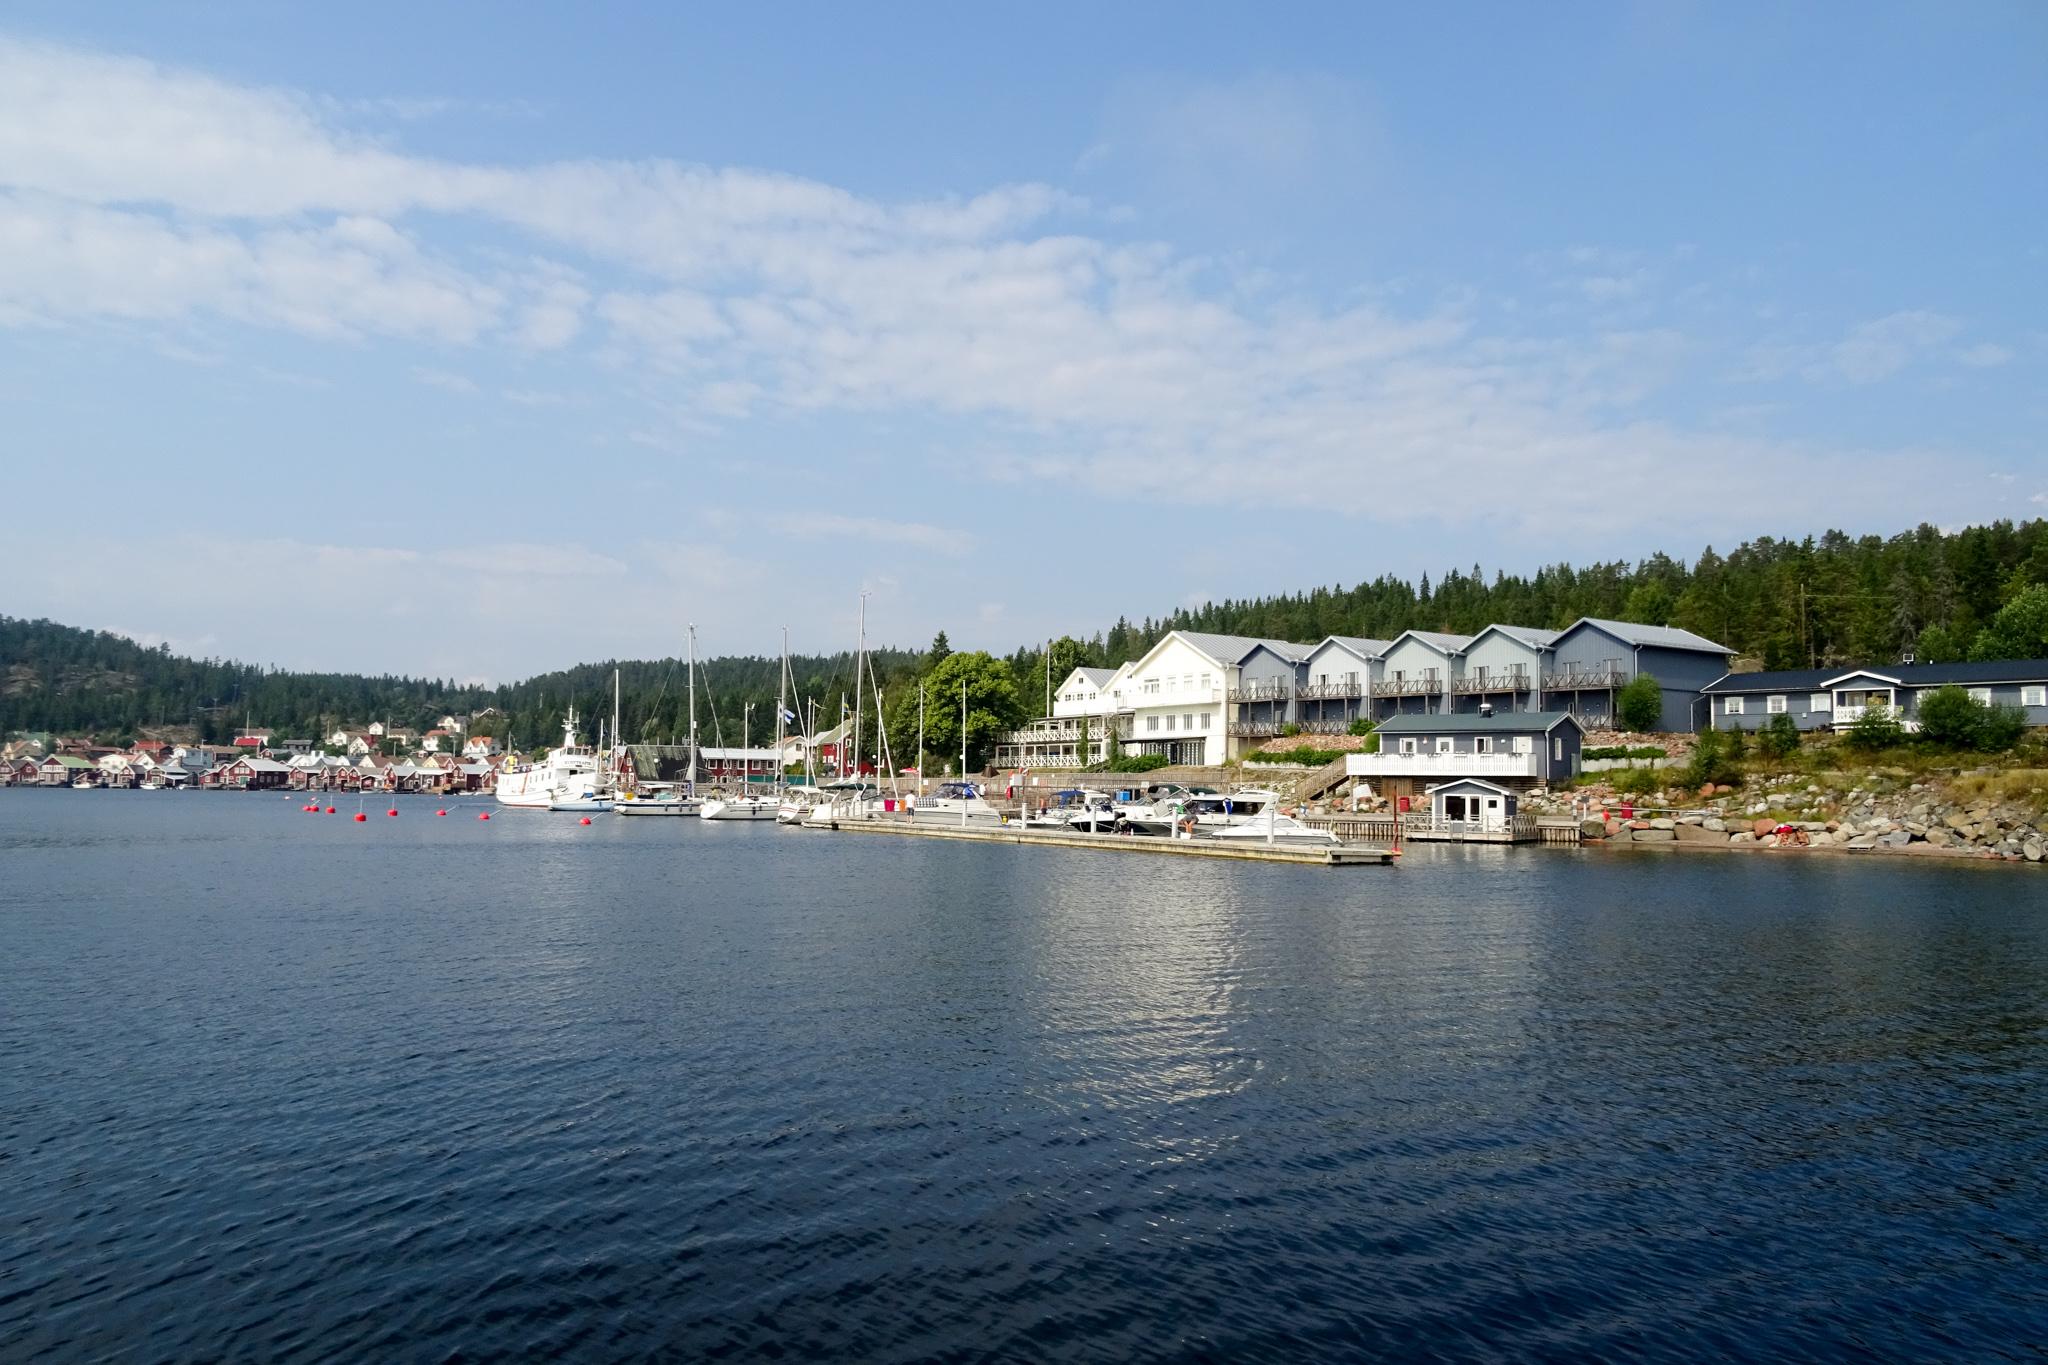 Gästehafen am Ulvön Hotel